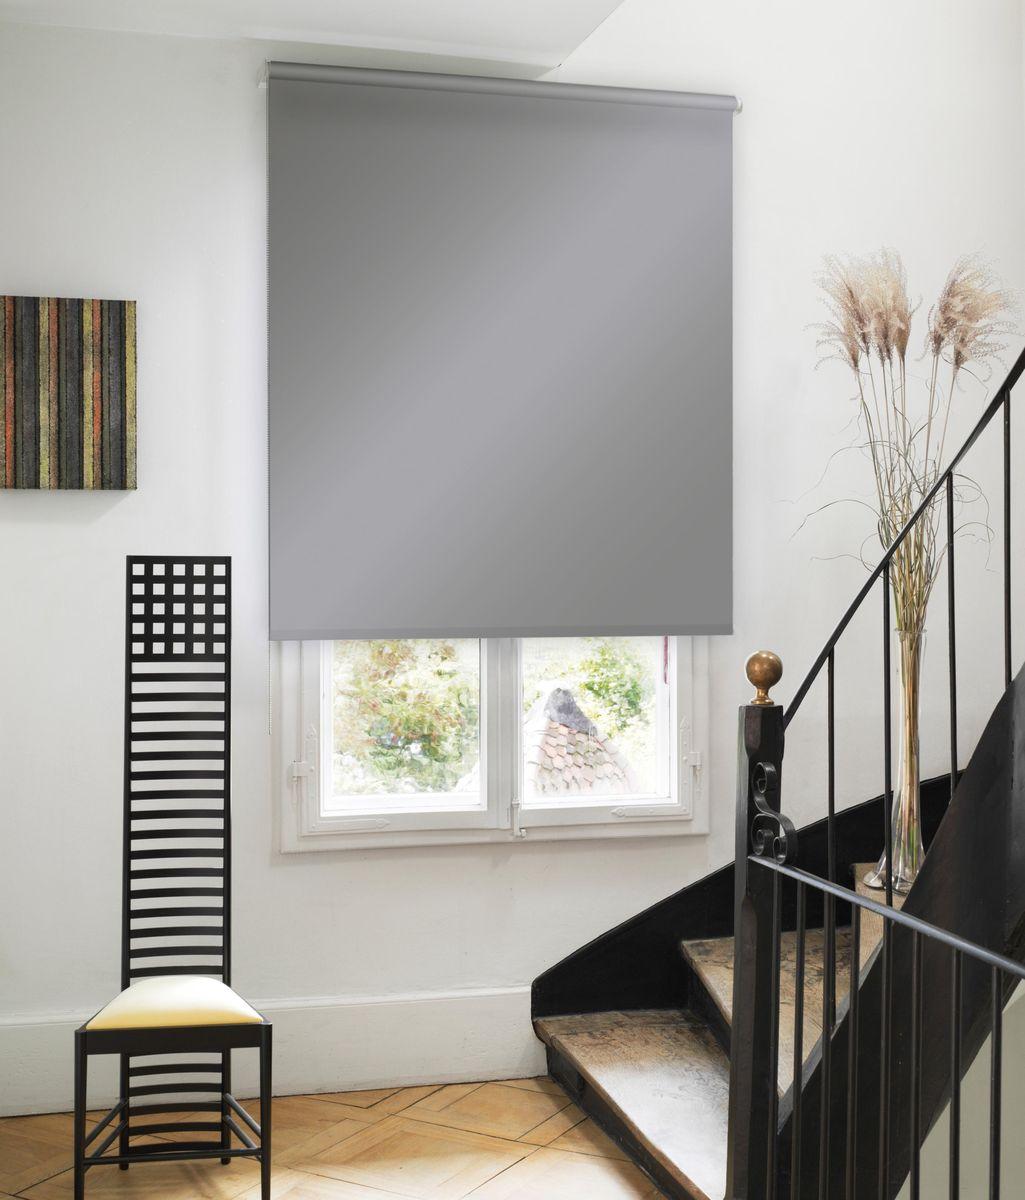 Штора рулонная Эскар, цвет: серый, ширина 140 см, высота 170 см81020140170Рулонными шторами можно оформлять окна как самостоятельно, так и использовать в комбинации с портьерами. Это поможет предотвратить выгорание дорогой ткани на солнце и соединит функционал рулонных с красотой навесных. Преимущества применения рулонных штор для пластиковых окон: - имеют прекрасный внешний вид: многообразие и фактурность материала изделия отлично смотрятся в любом интерьере; - многофункциональны: есть возможность подобрать шторы способные эффективно защитить комнату от солнца, при этом о на не будет слишком темной. - Есть возможность осуществить быстрый монтаж. ВНИМАНИЕ! Размеры ширины изделия указаны по ширине ткани! Во время эксплуатации не рекомендуется полностью разматывать рулон, чтобы не оторвать ткань от намоточного вала. В случае загрязнения поверхности ткани, чистку шторы проводят одним из способов, в зависимости от типа загрязнения: легкое поверхностное загрязнение можно удалить при помощи...